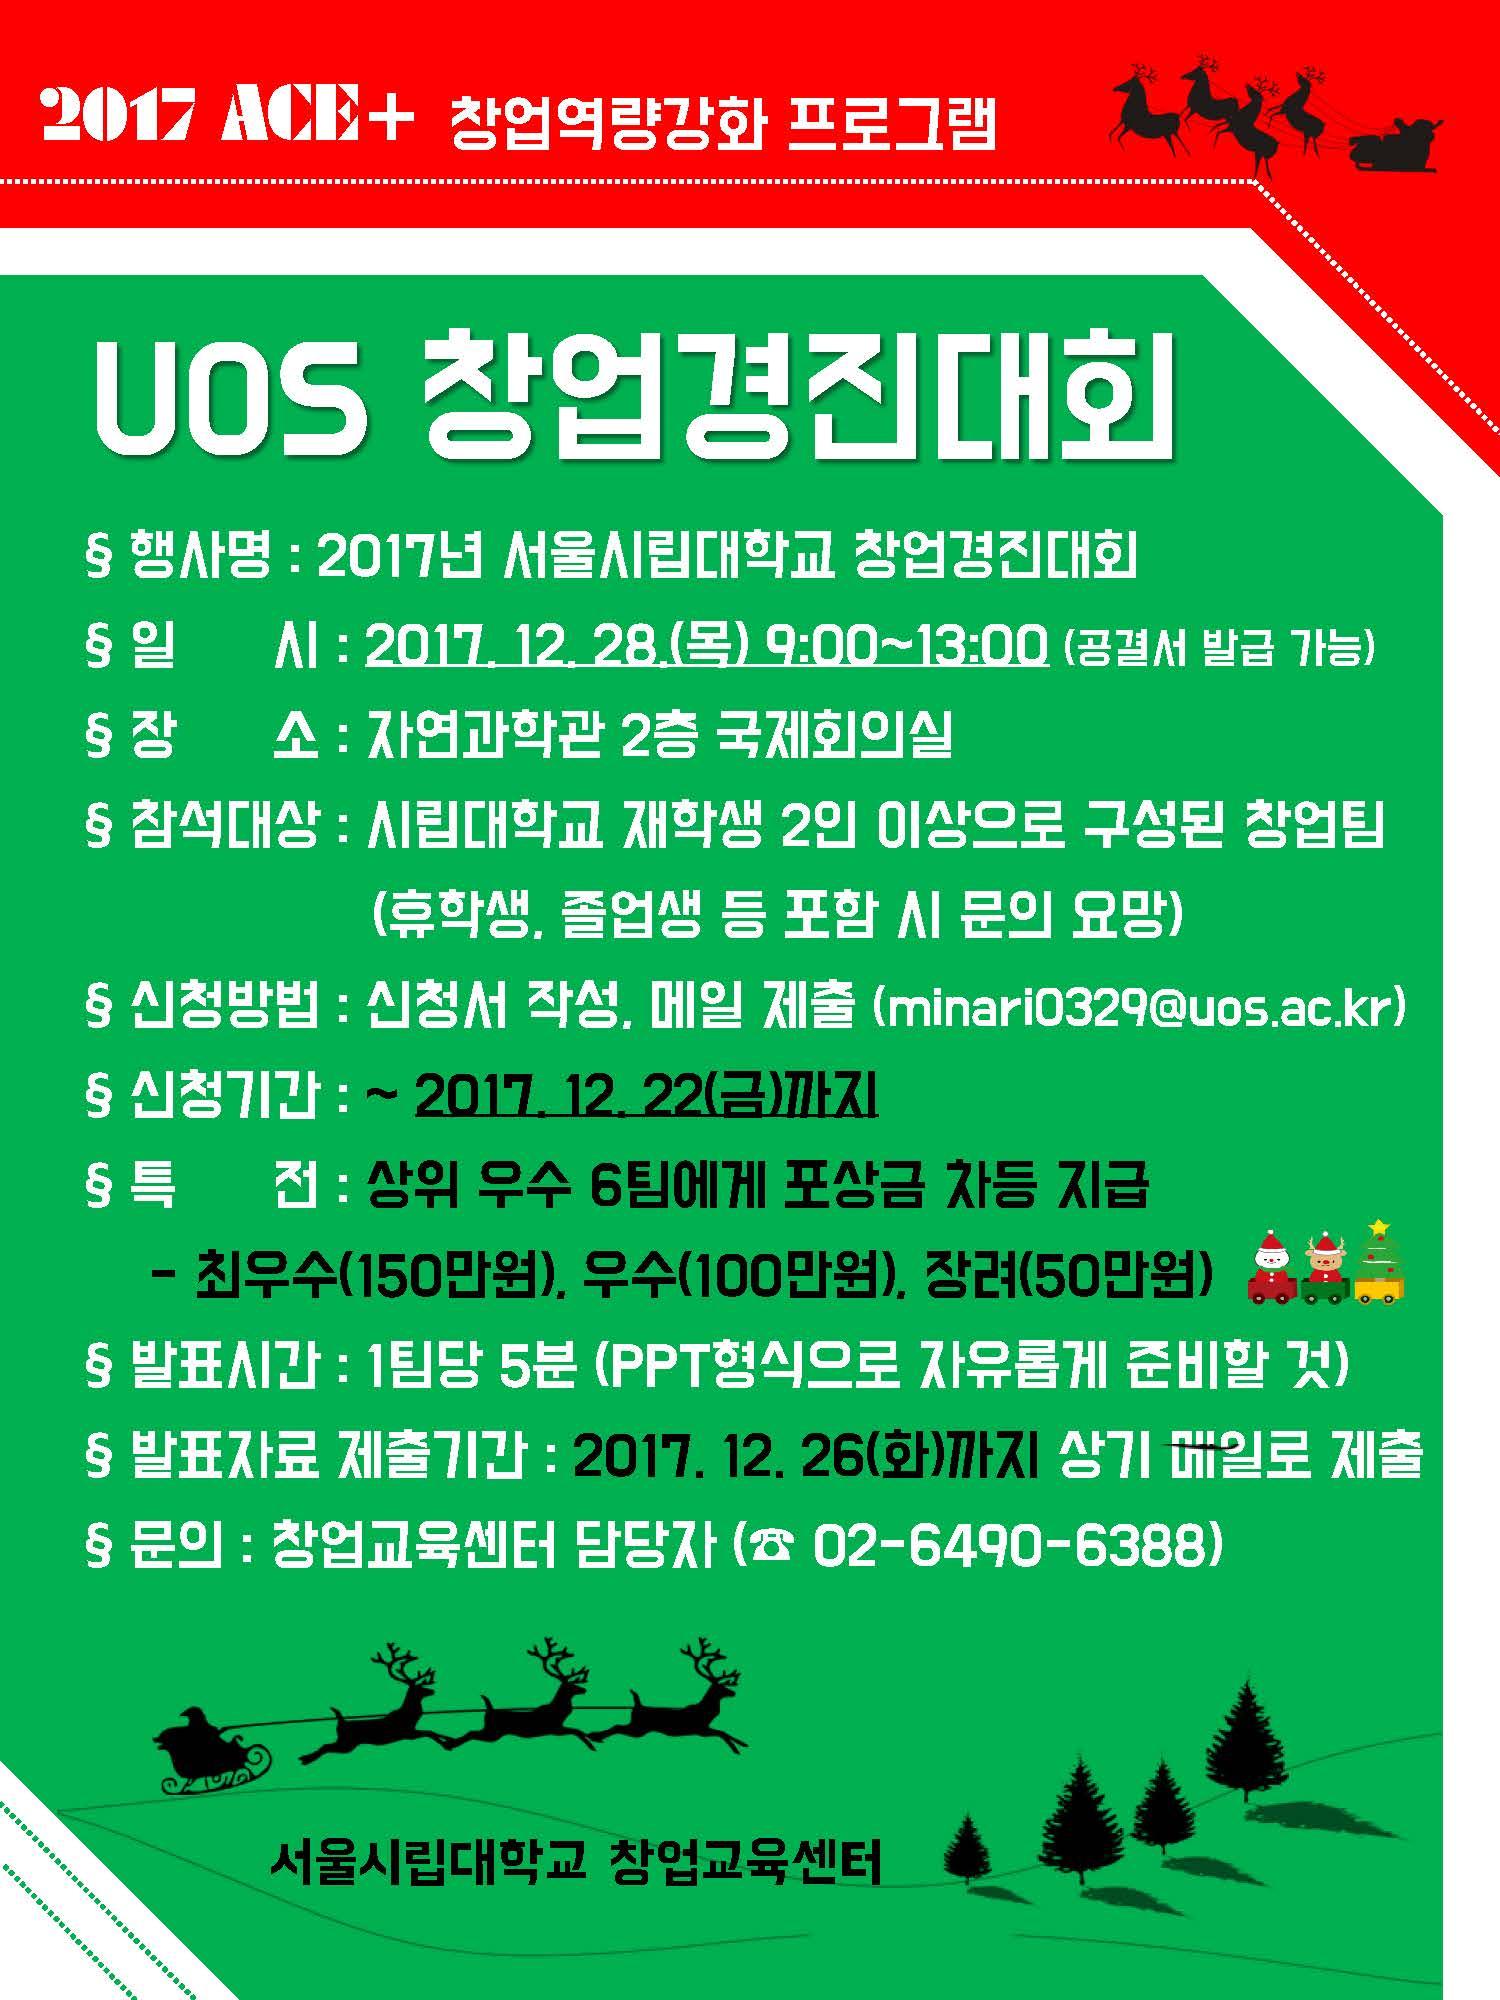 2017 ACE+ 서울시립대학교 창업경진대회 개최 안내